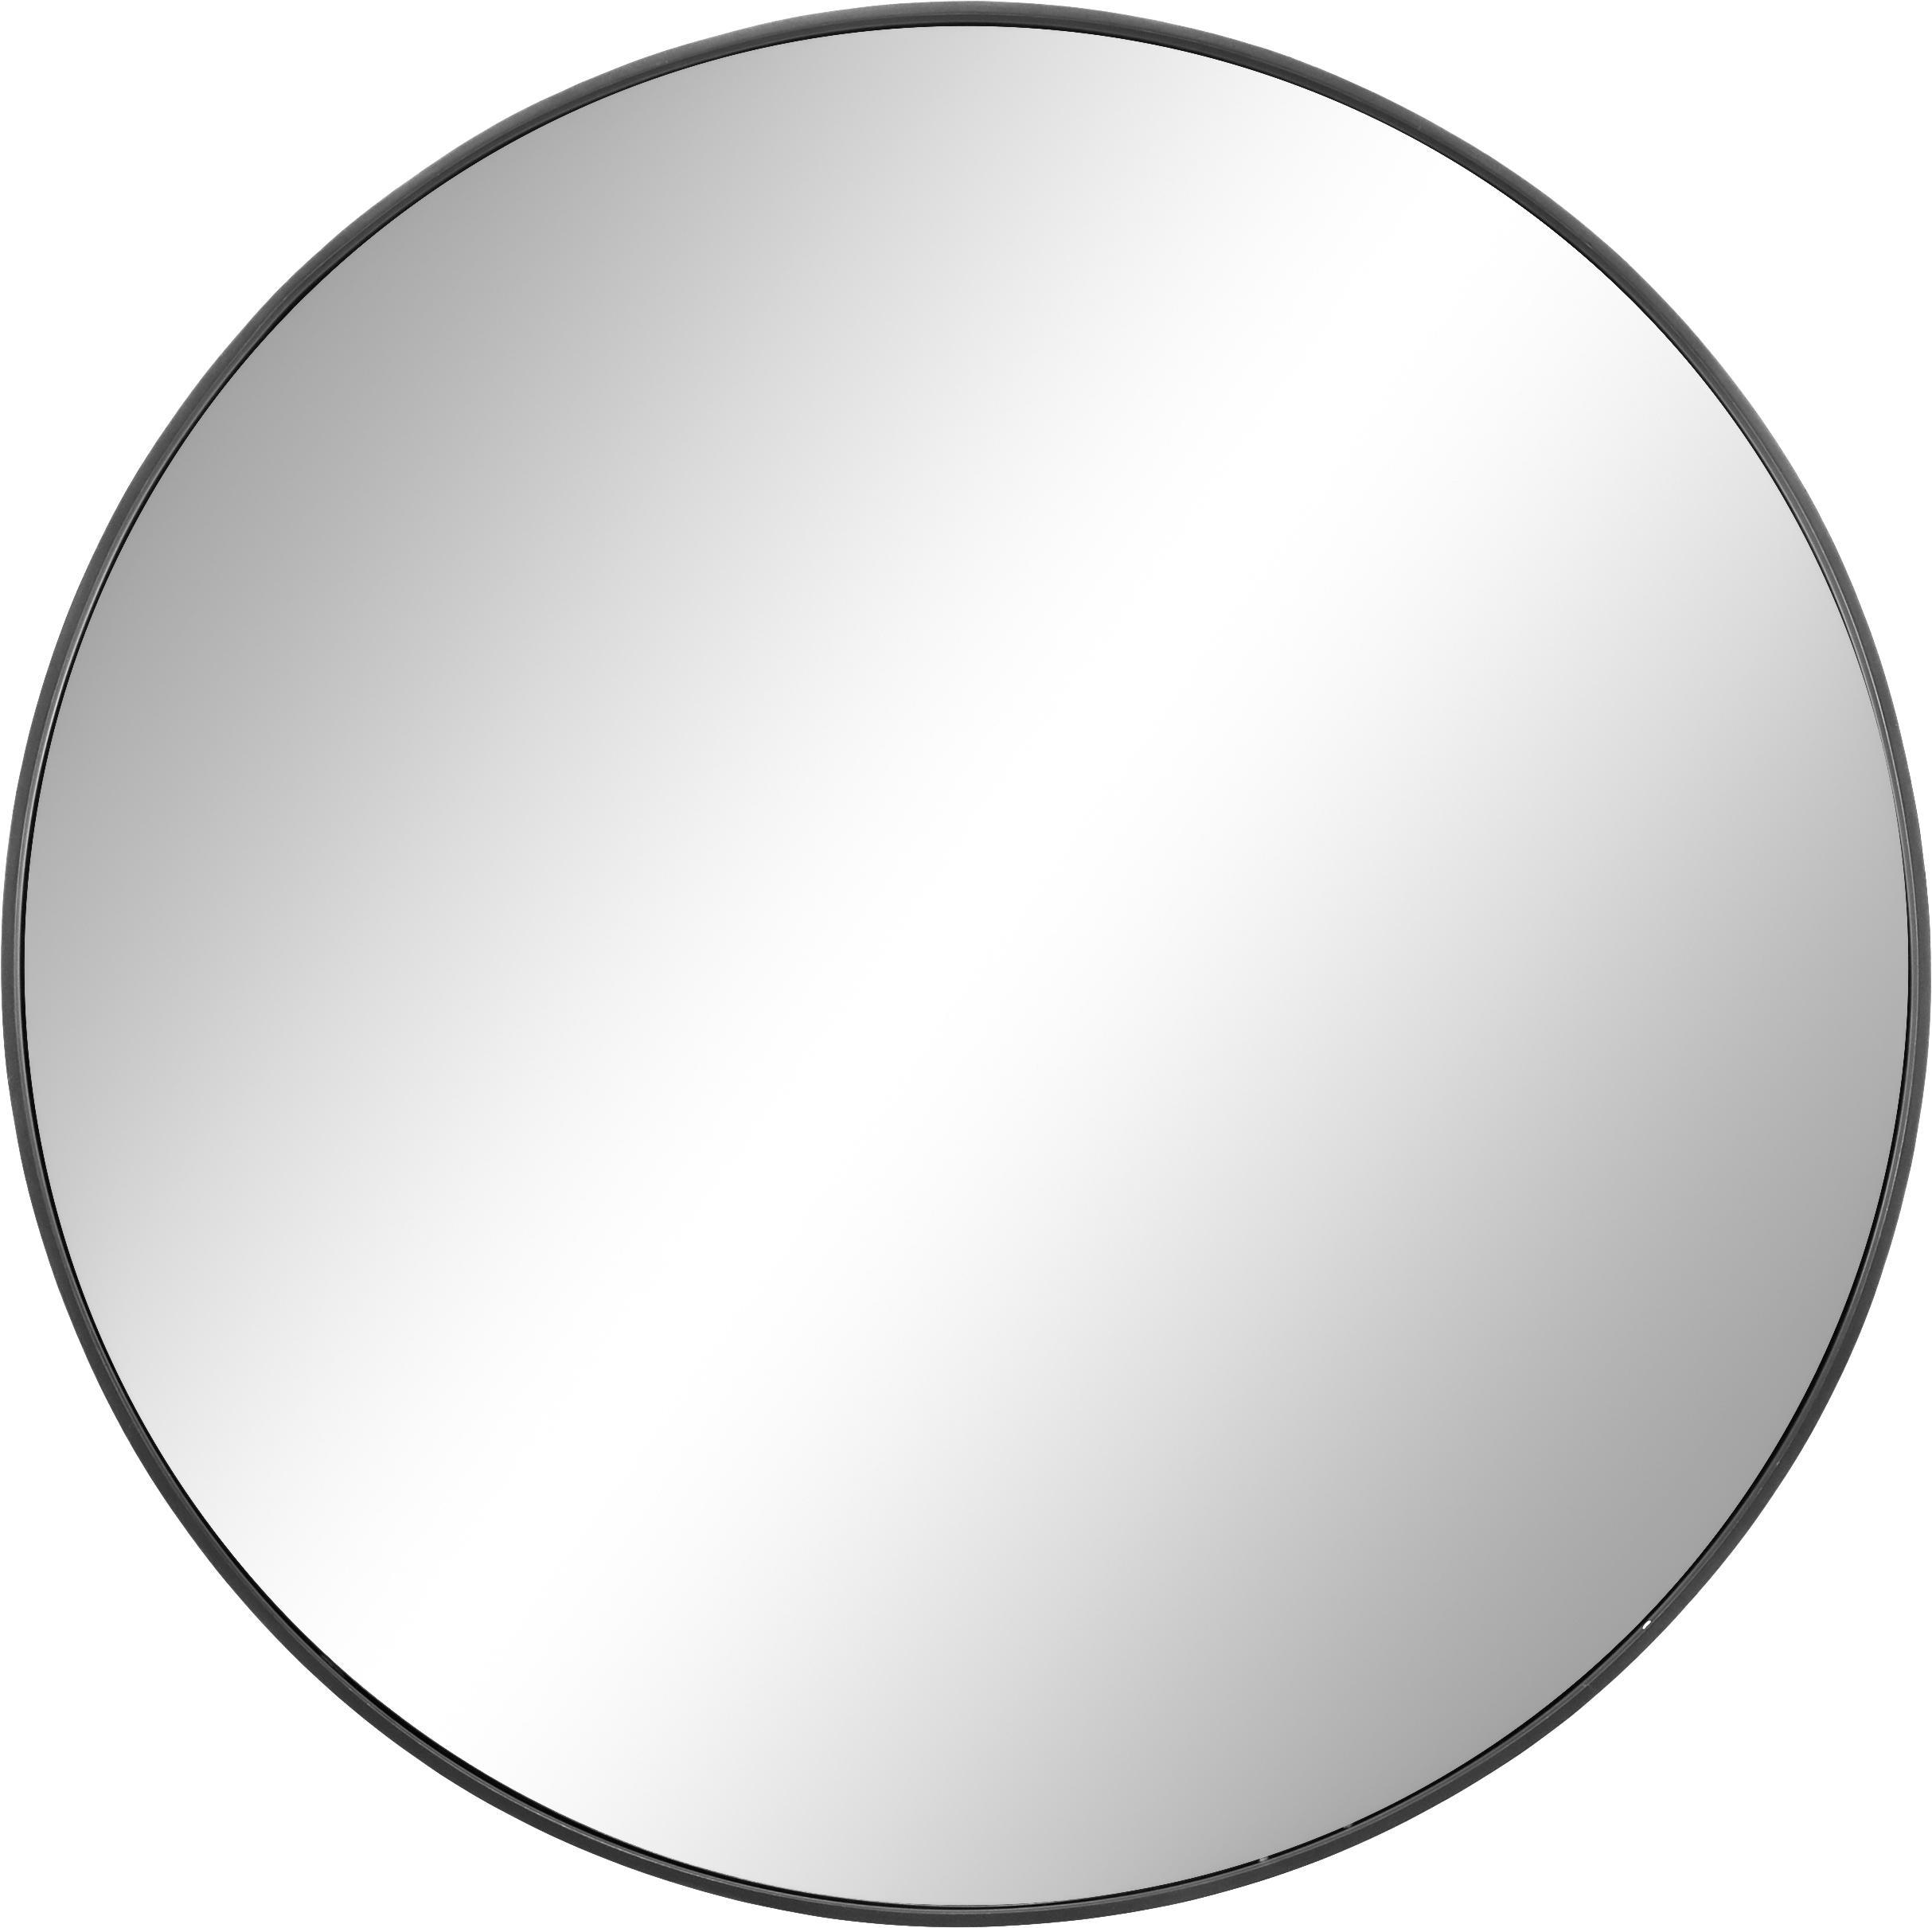 Ronde wandspiegel Ada met donkergrijze lijst, Frame: verzinkt metaal, Donkergrijs, Ø 60 cm